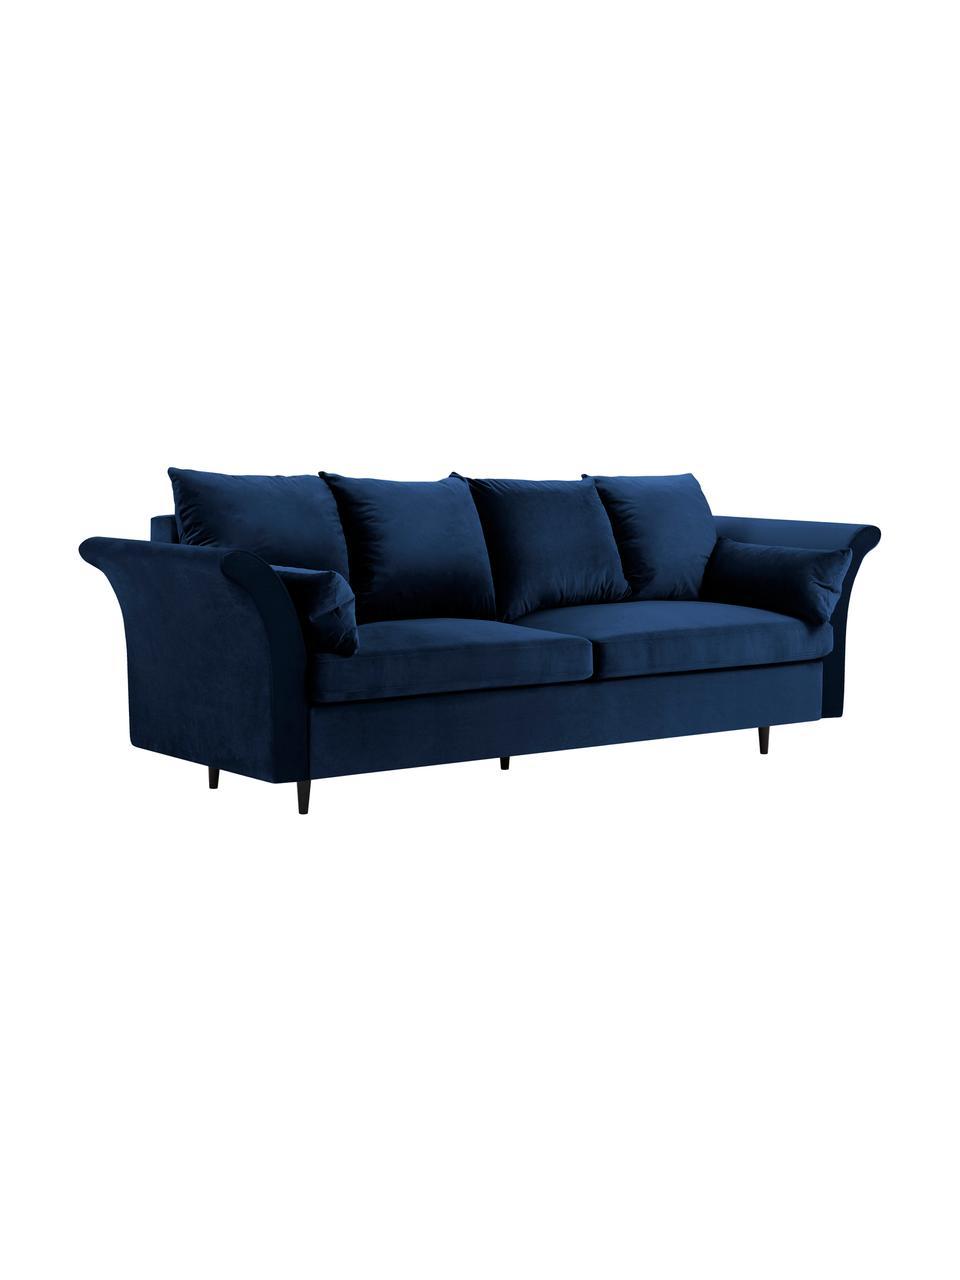 Sofa rozkładana z aksamitu z miejscem do przechowywania Lola (3-osobowa), Tapicerka: aksamit poliestrowy, Nogi: drewno sosnowe, lakierowa, Ciemny niebieski, S 245 x G 95 cm